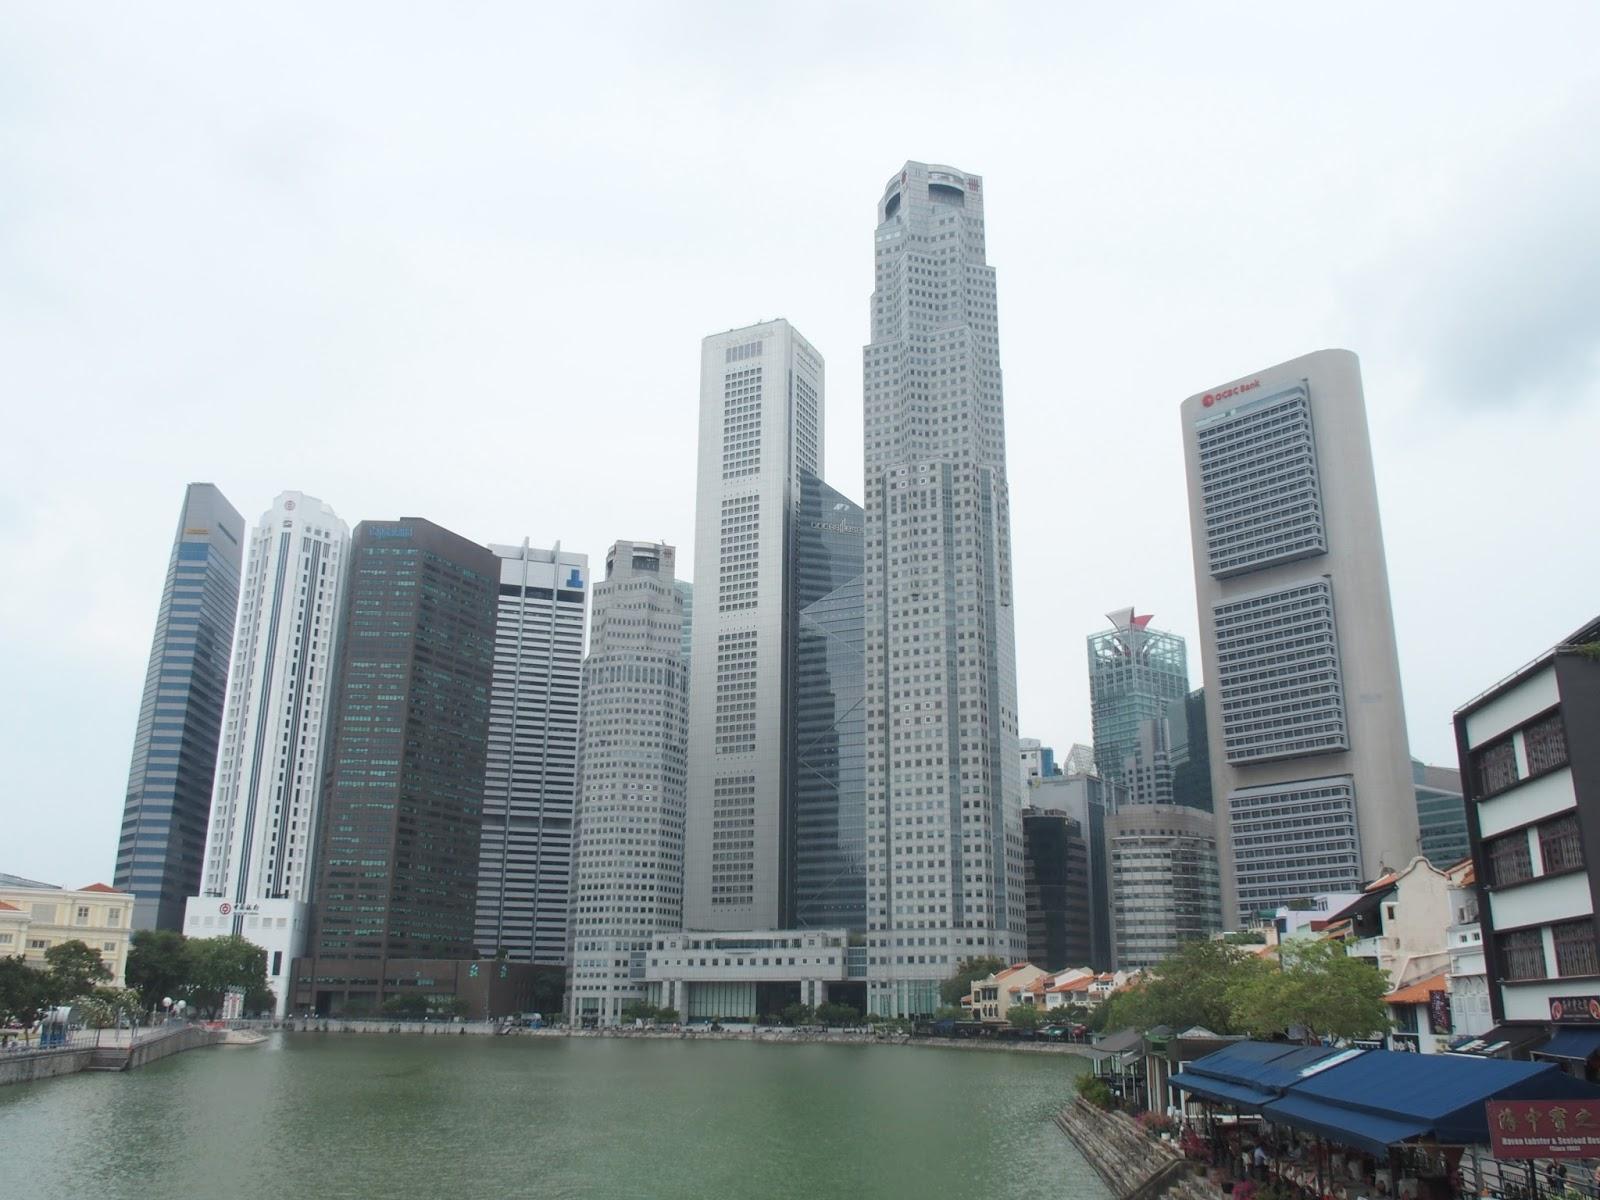 que configuran el paisaje ms popular de singapur hasta edificios de ms de metros de alto se concentran en esta zona de la ciudad